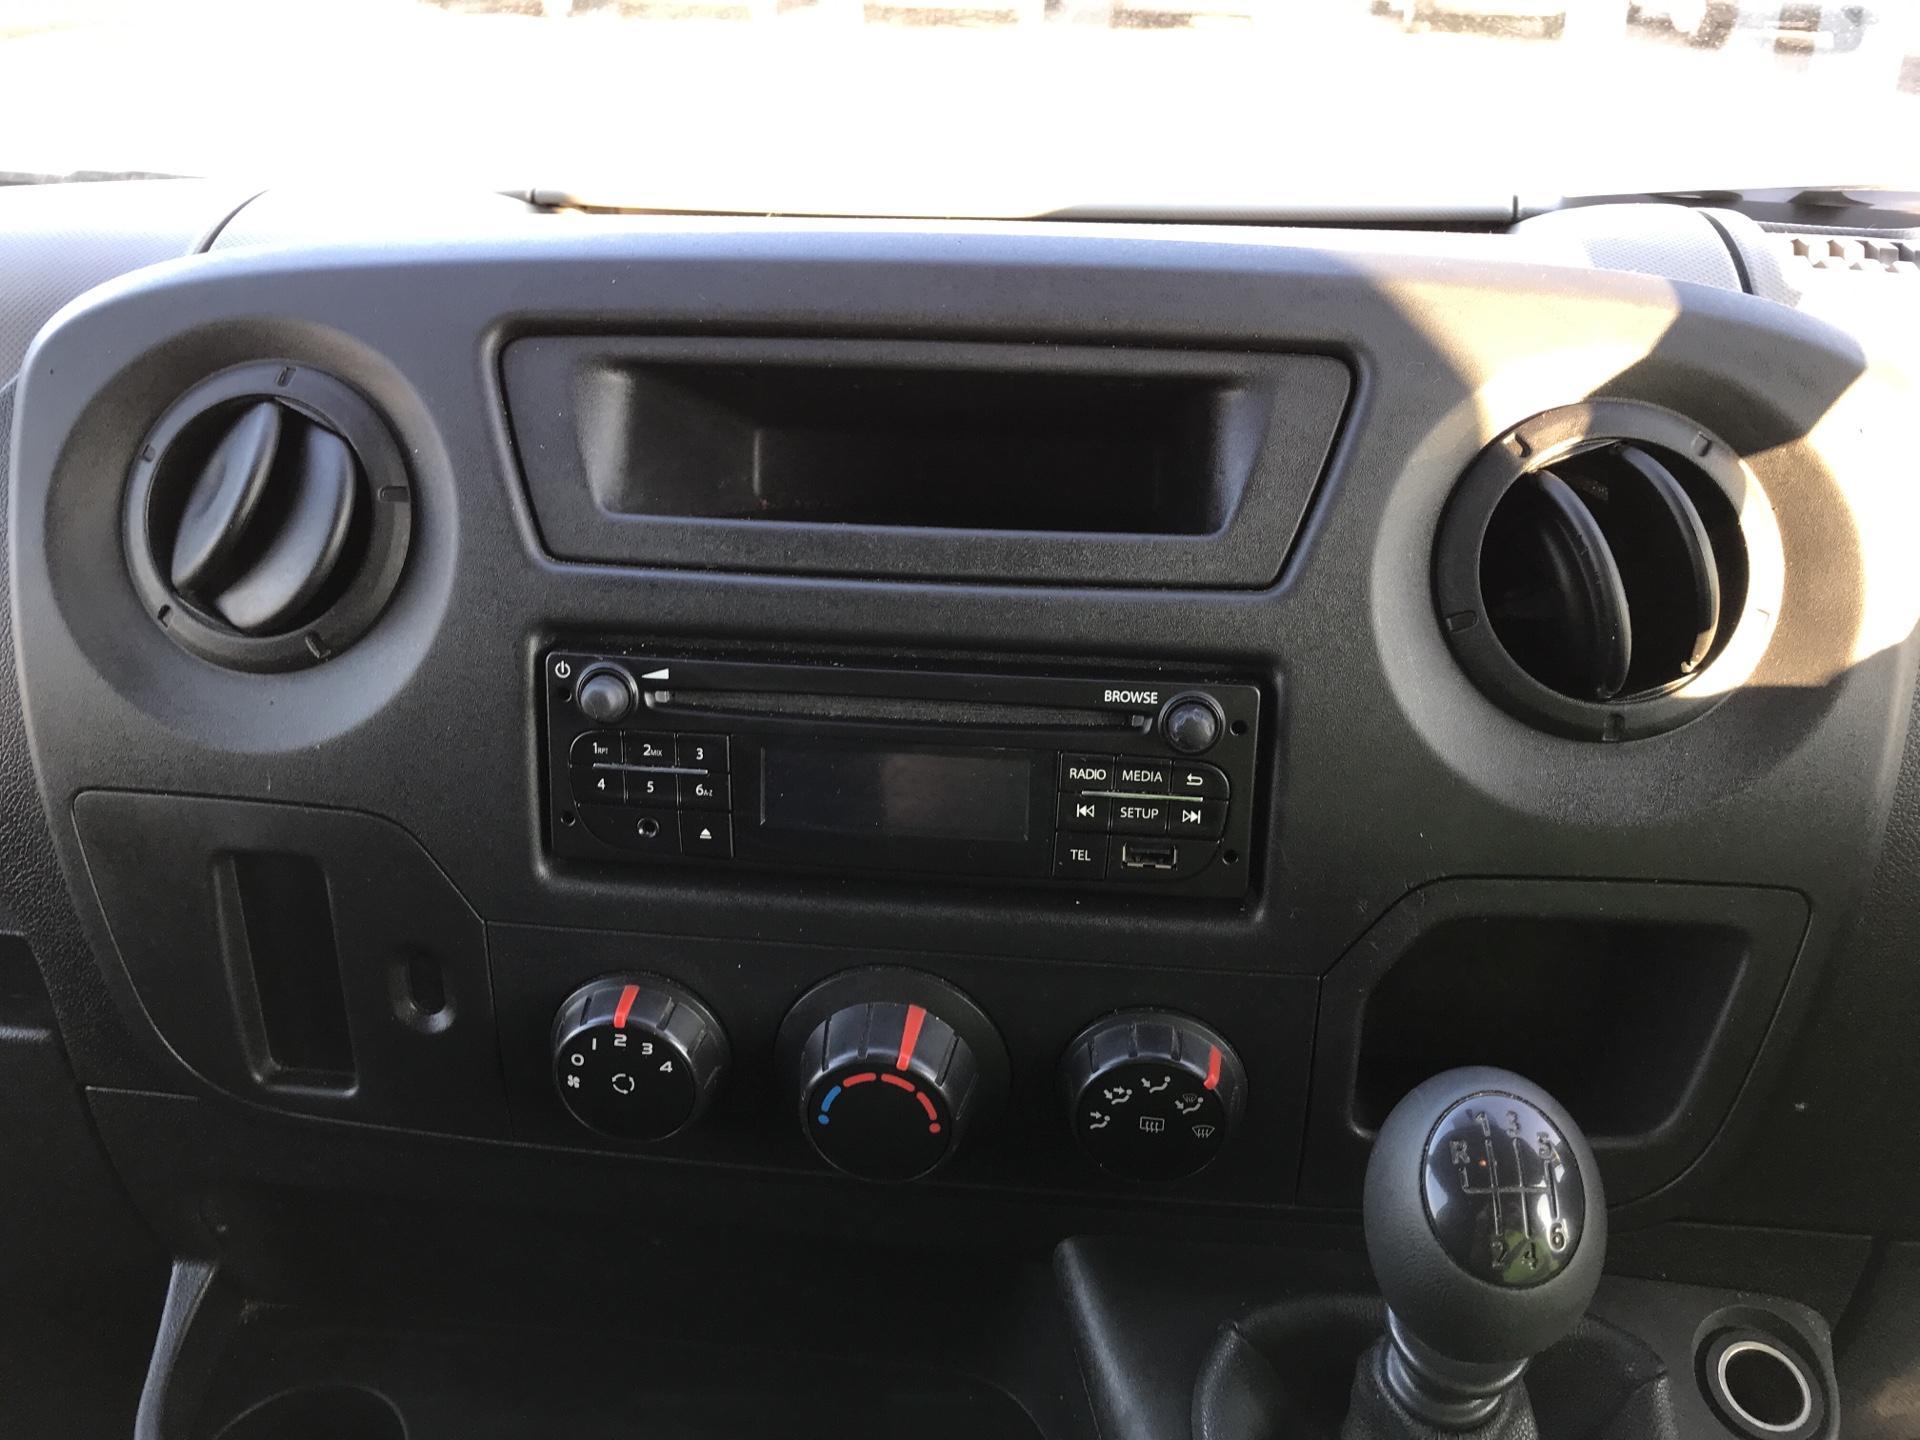 2016 Vauxhall Movano 2.3 Cdti LWB LO Loader Luton Box Van Euro 6  (DU66TBV) Image 10